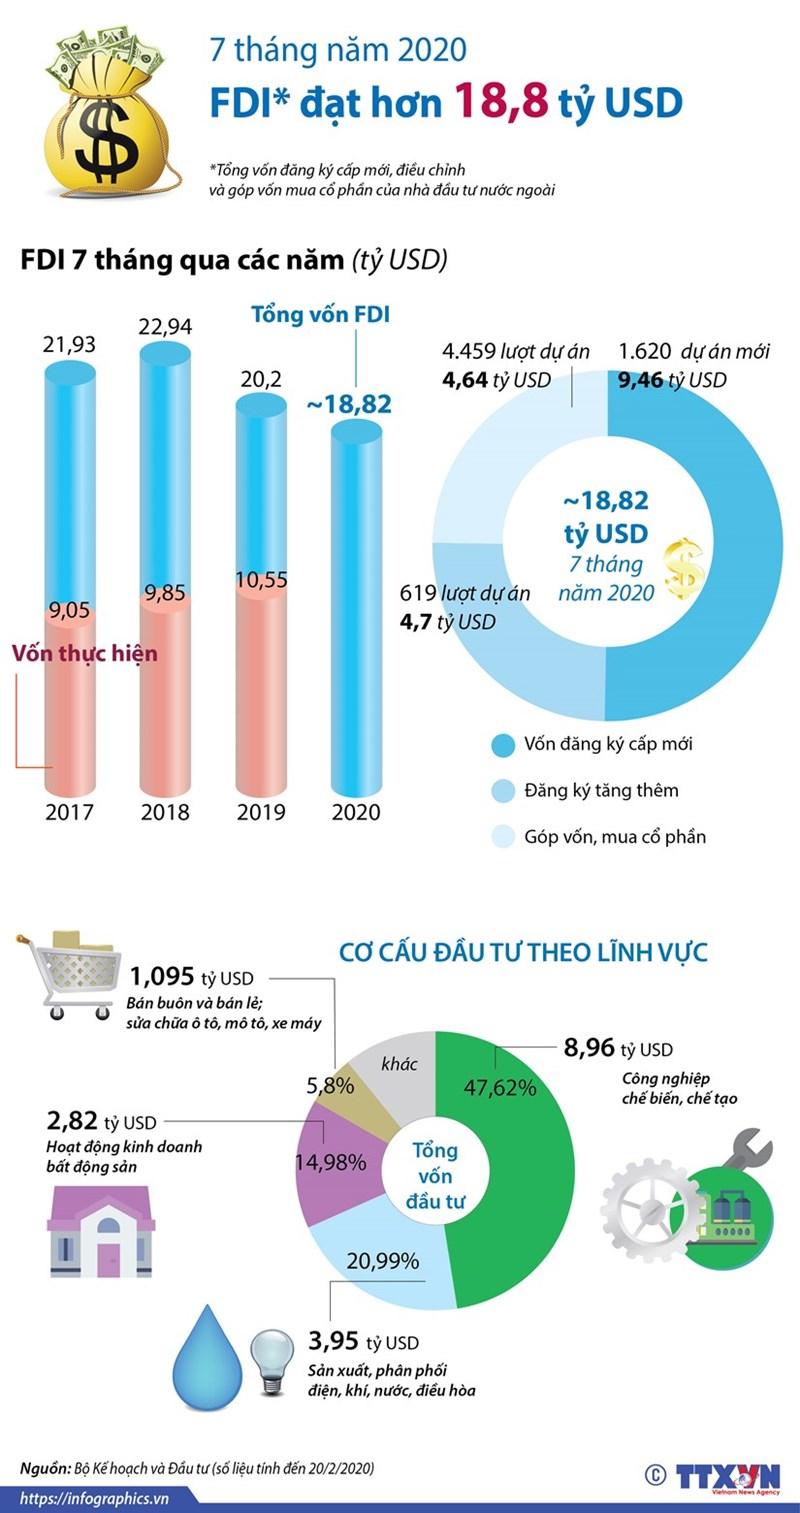 [Infographics] Việt Nam thu hút 18,82 tỷ USD vốn FDI trong 7 tháng - Ảnh 1